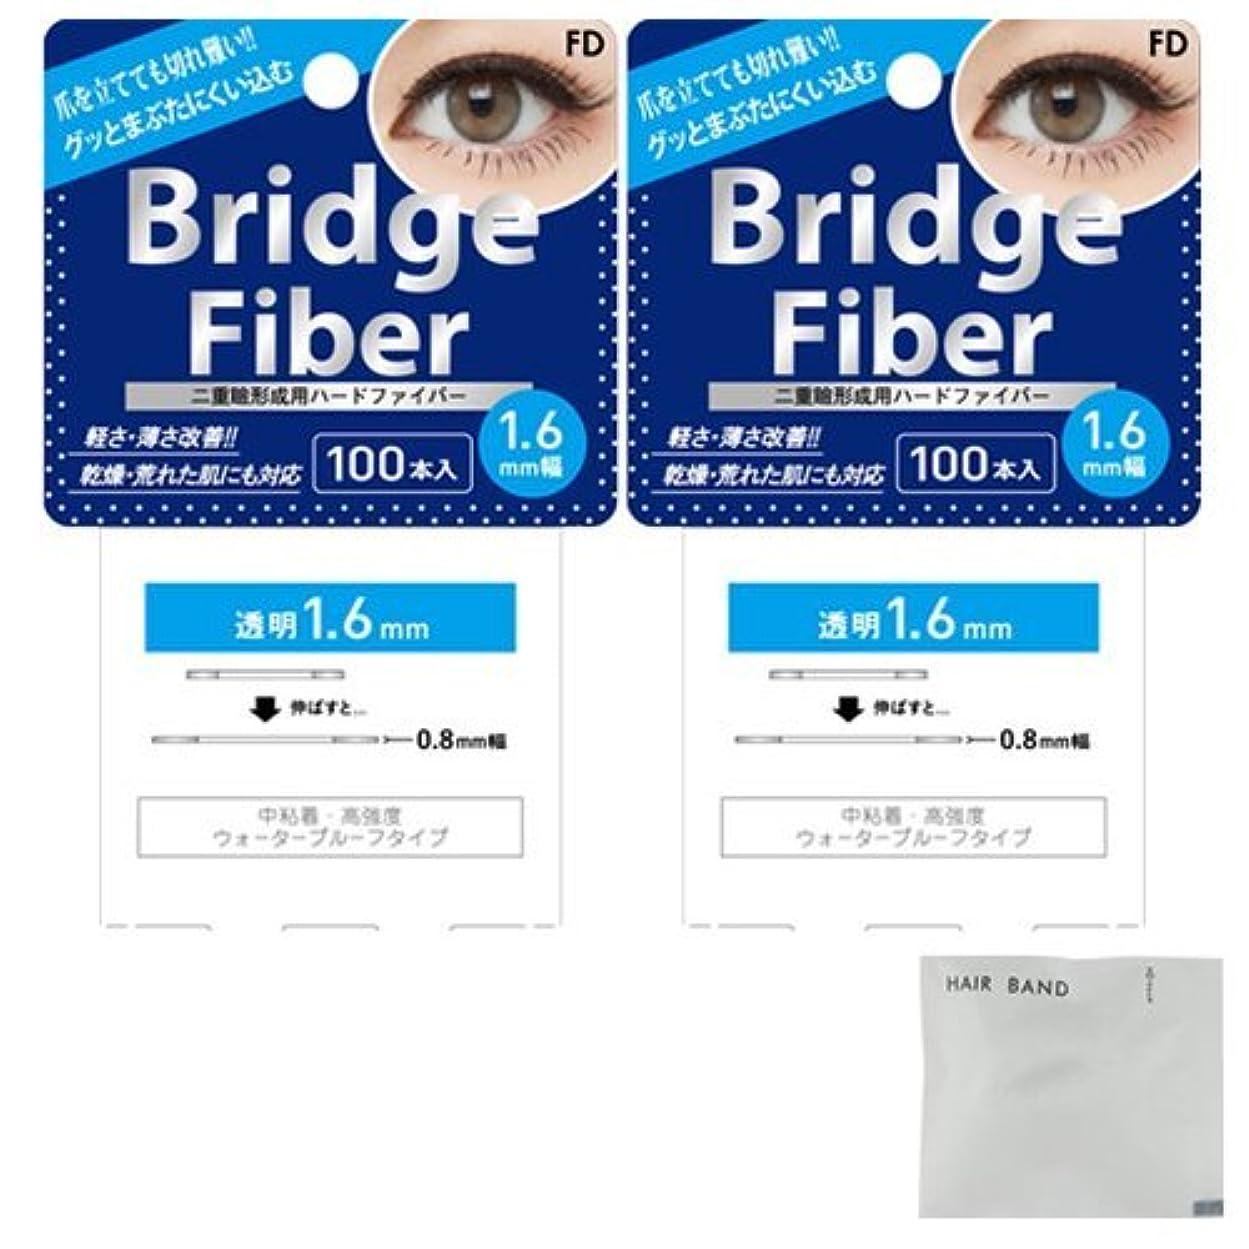 電球適合する独立してFD ブリッジファイバーⅡ (Bridge Fiber) クリア1.6mm×2個 + ヘアゴム(カラーはおまかせ)セット